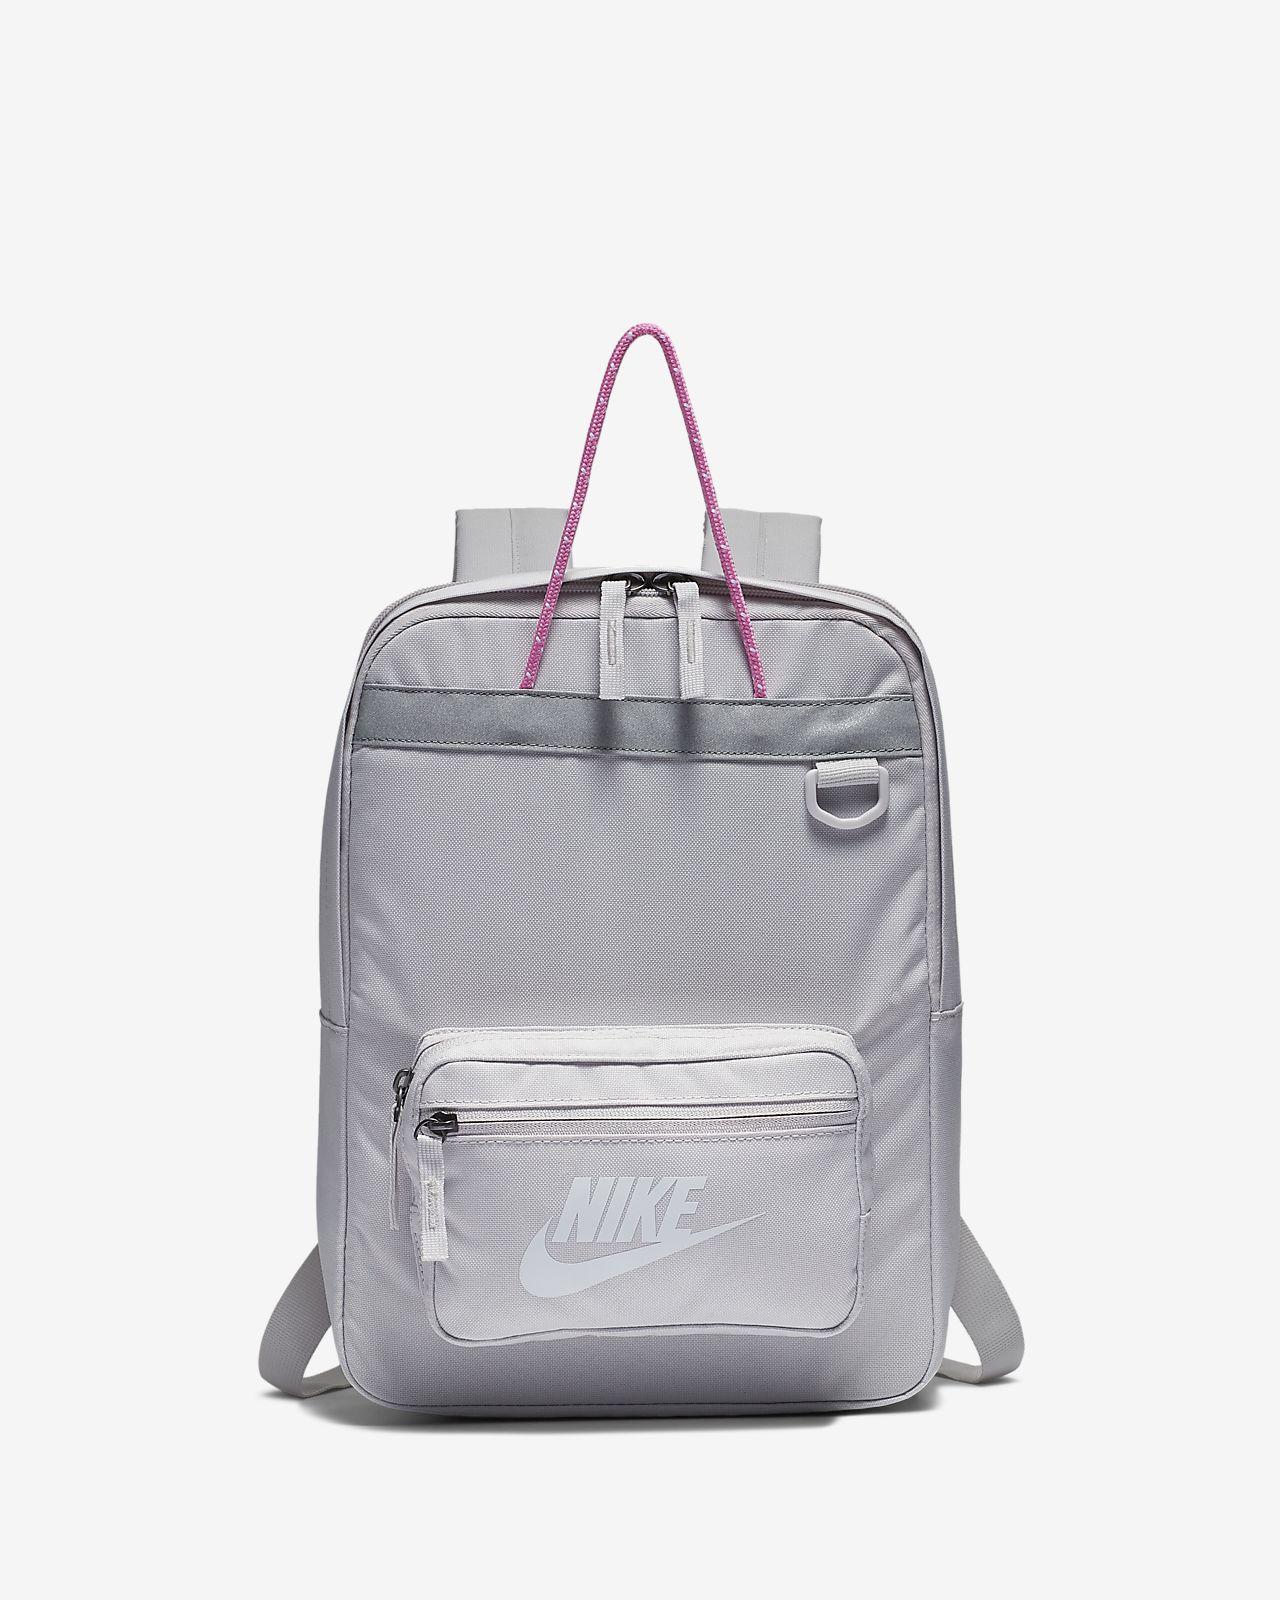 Nike Tanjun双肩包